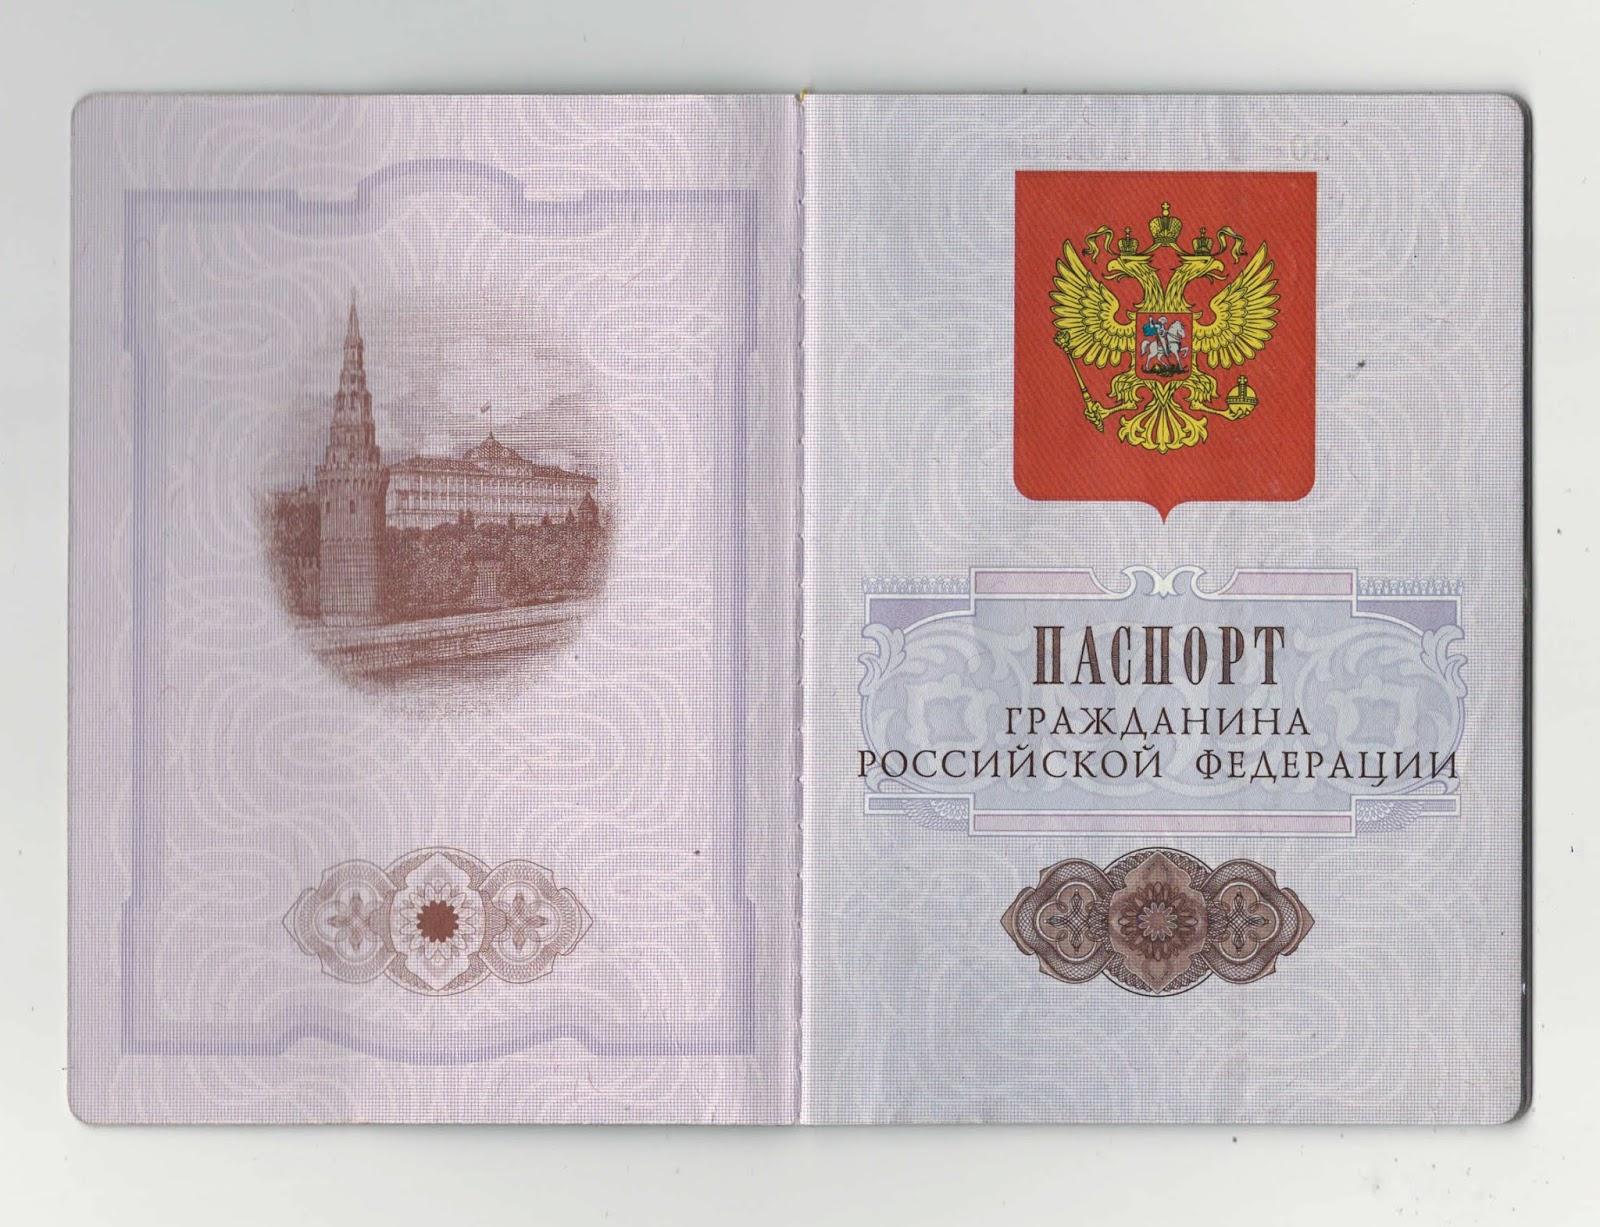 сергей горохов паспорт россии